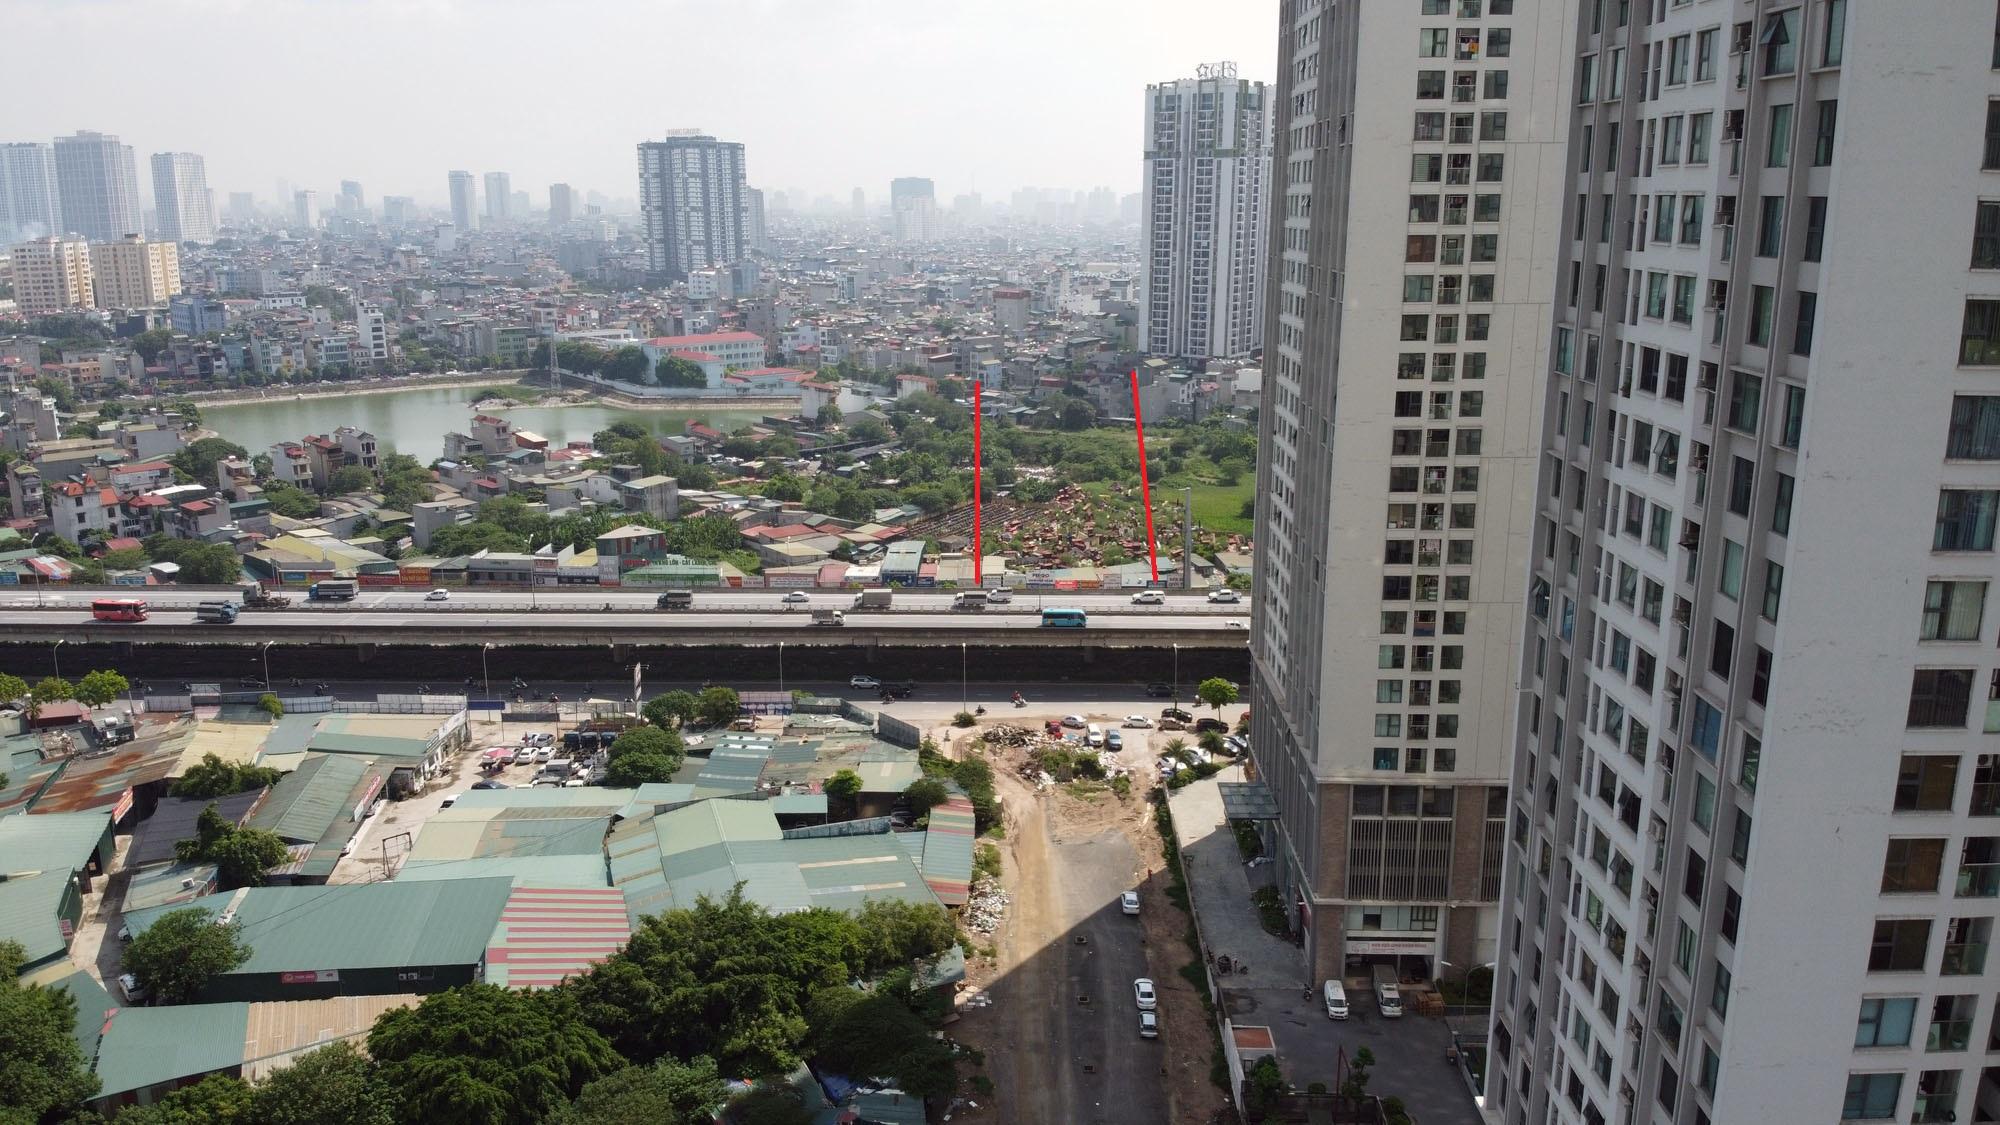 đường sẽ mở theo qui hoạch ở phường Hạ Đình, Thanh Xuân, Hà Nội - Ảnh 3.